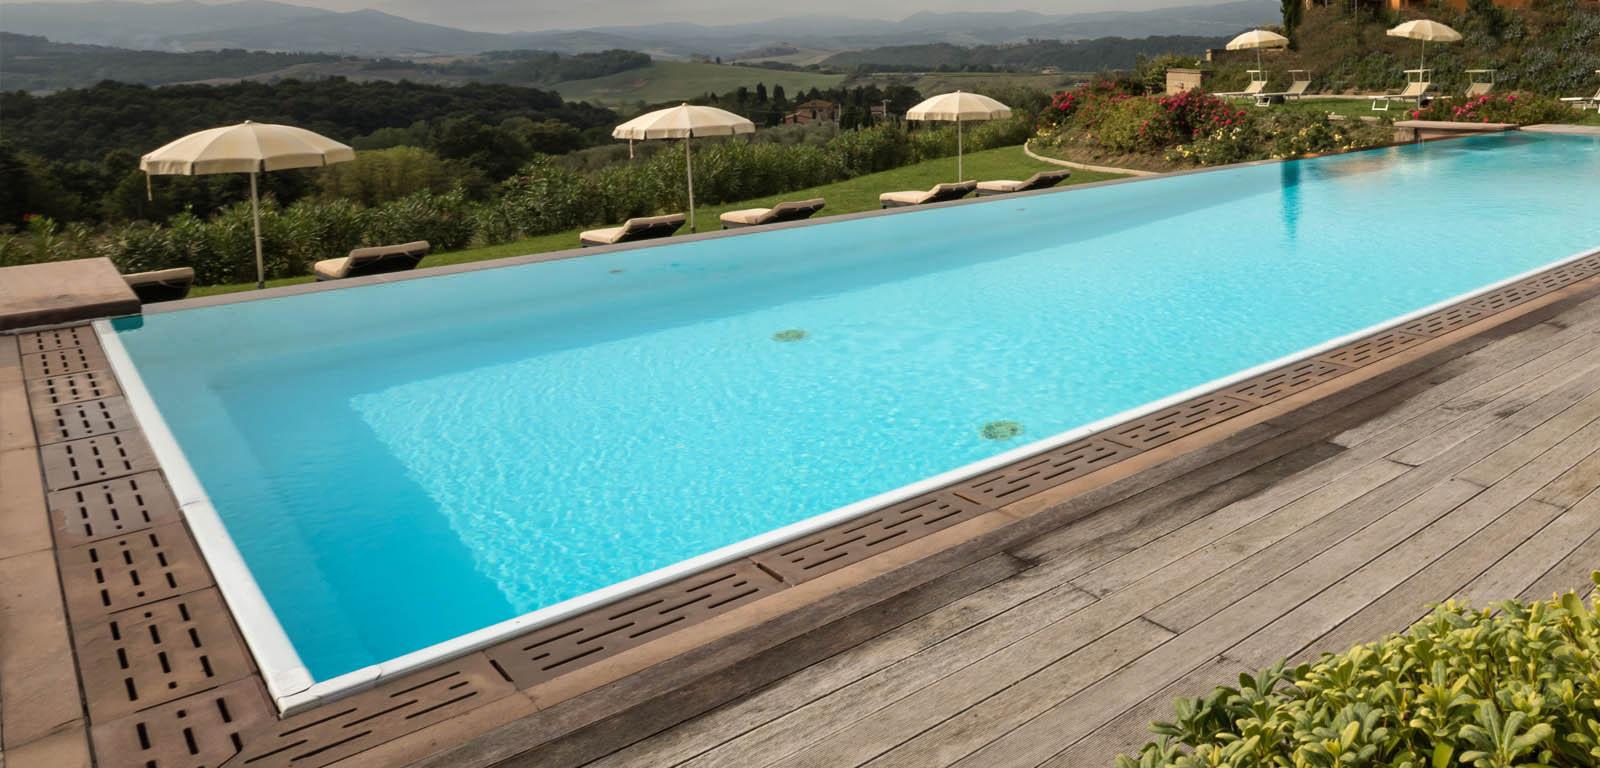 Piscine per giardini piscine with piscine per giardini for Progetti di piscine e pool house